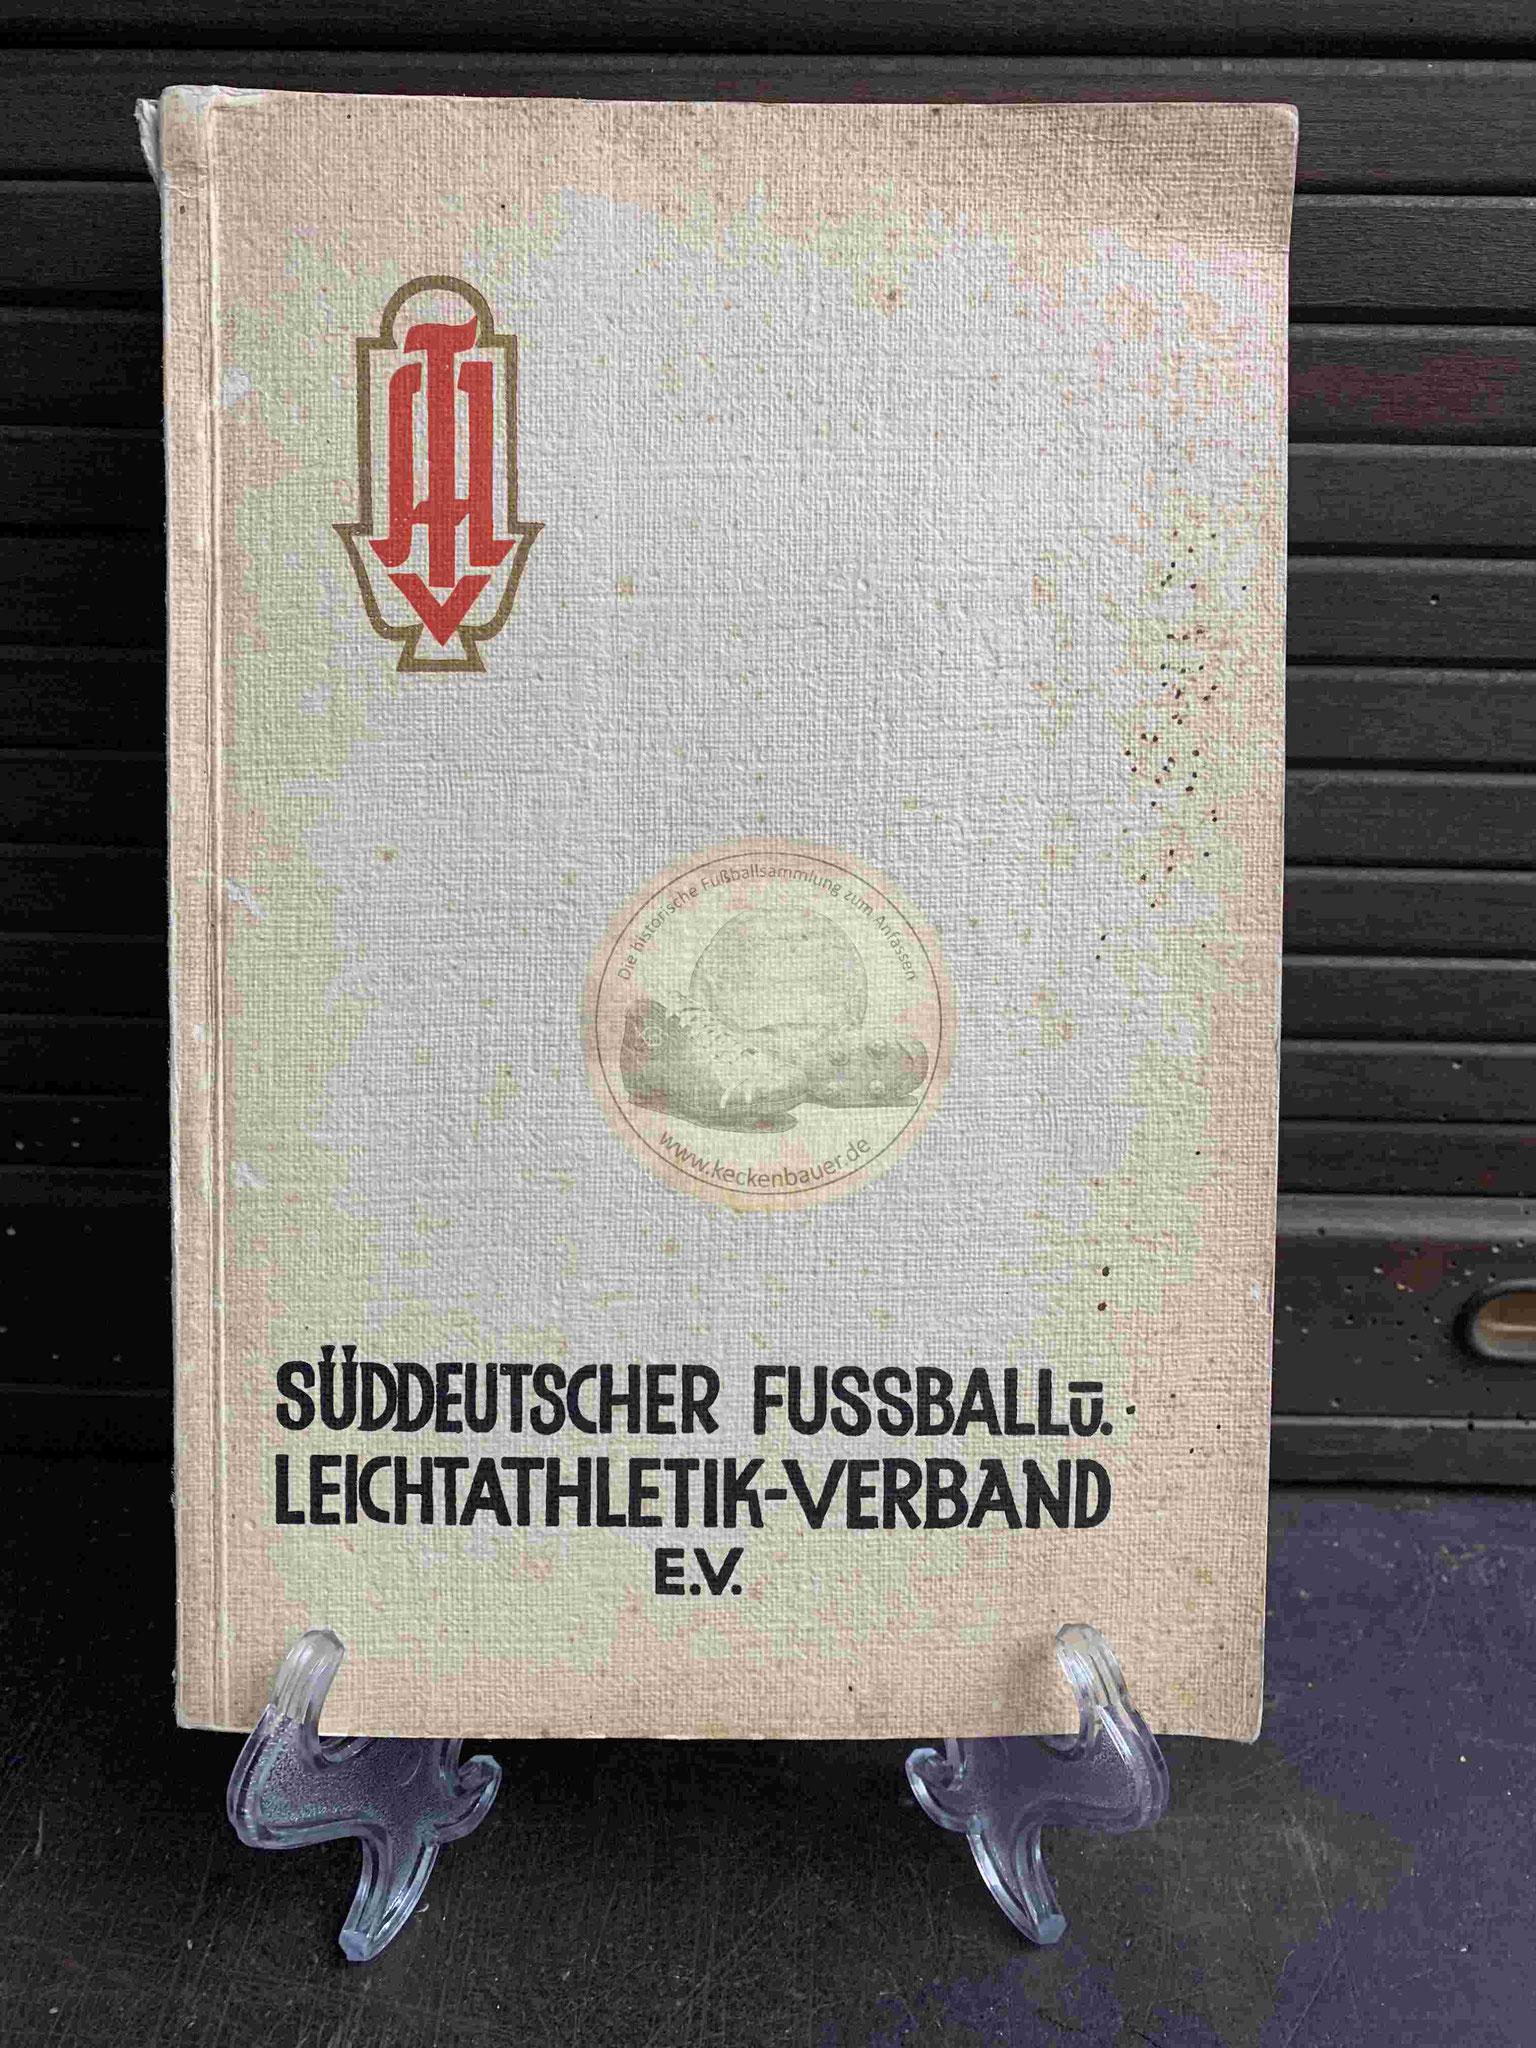 Süddeutscher Fussball und Leichtathletik-Verband e.V. aus dem Jahr 1928